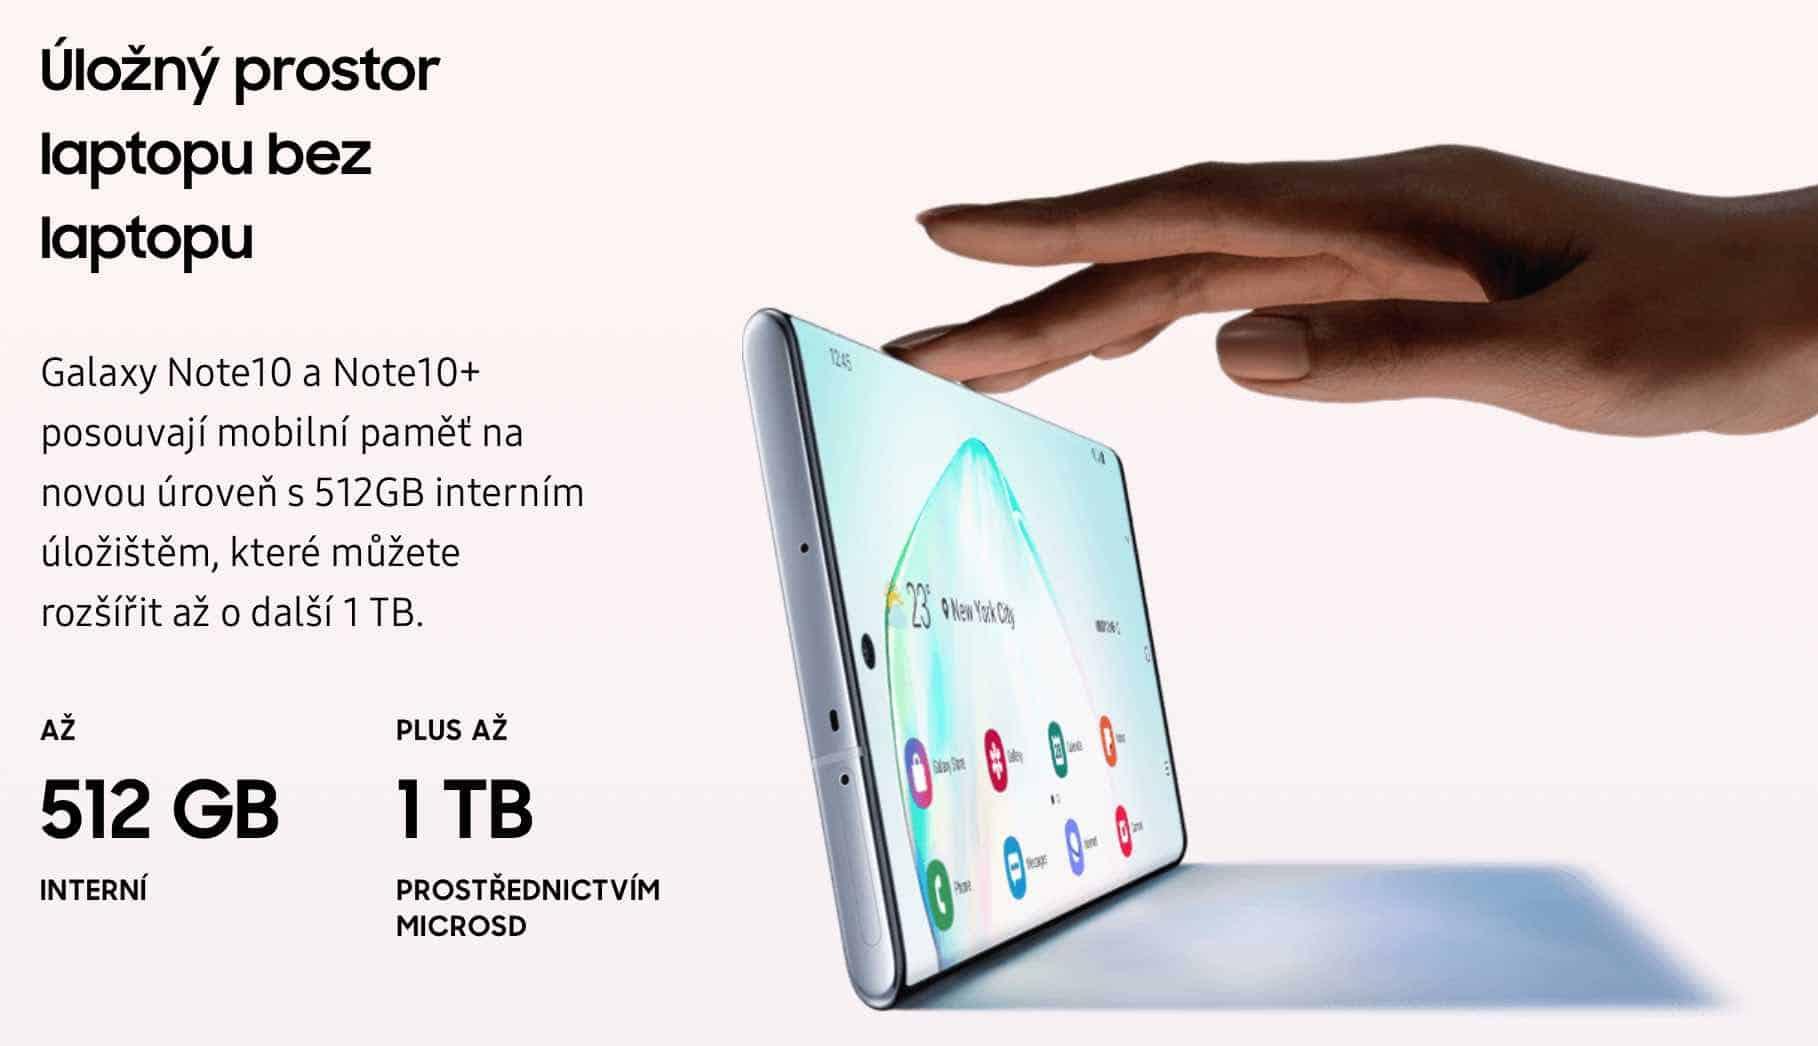 Představujeme smartphone Galaxy Note 10. Úložný prostor až 1TB